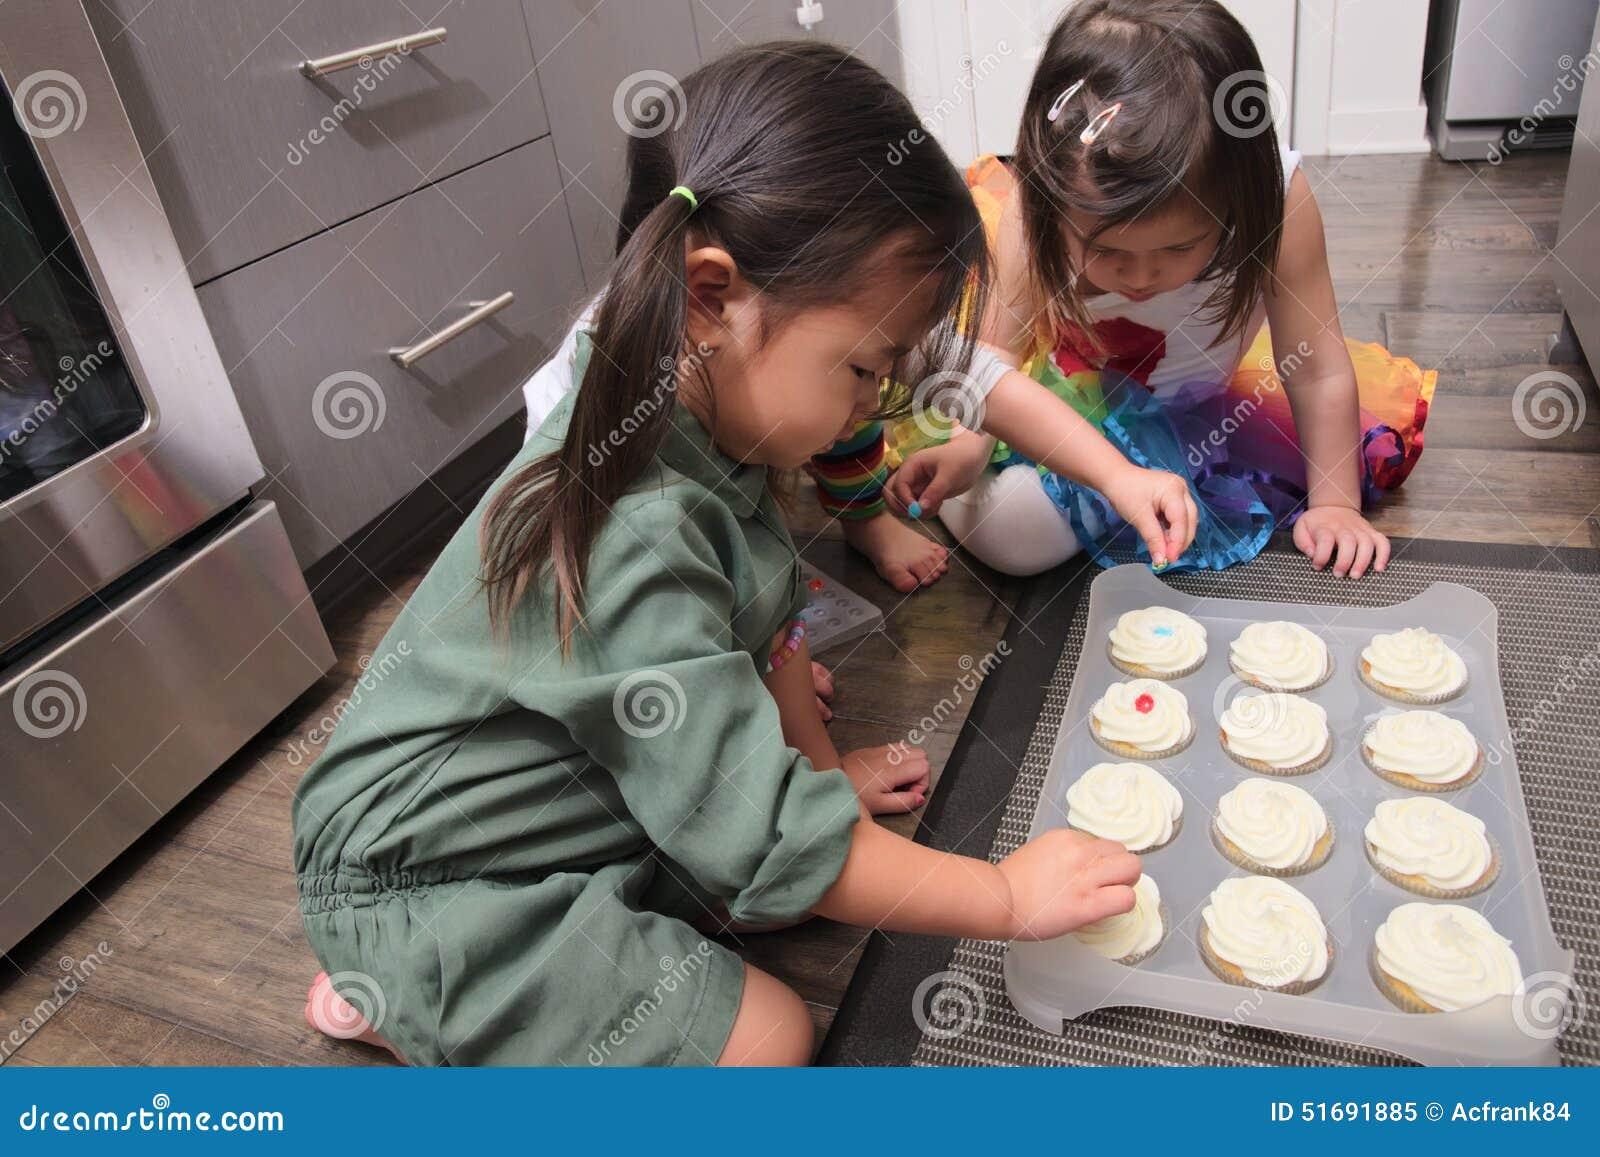 Asiatische Kleinkinder Die Kleine Kuchen In Der Kuche Verzieren